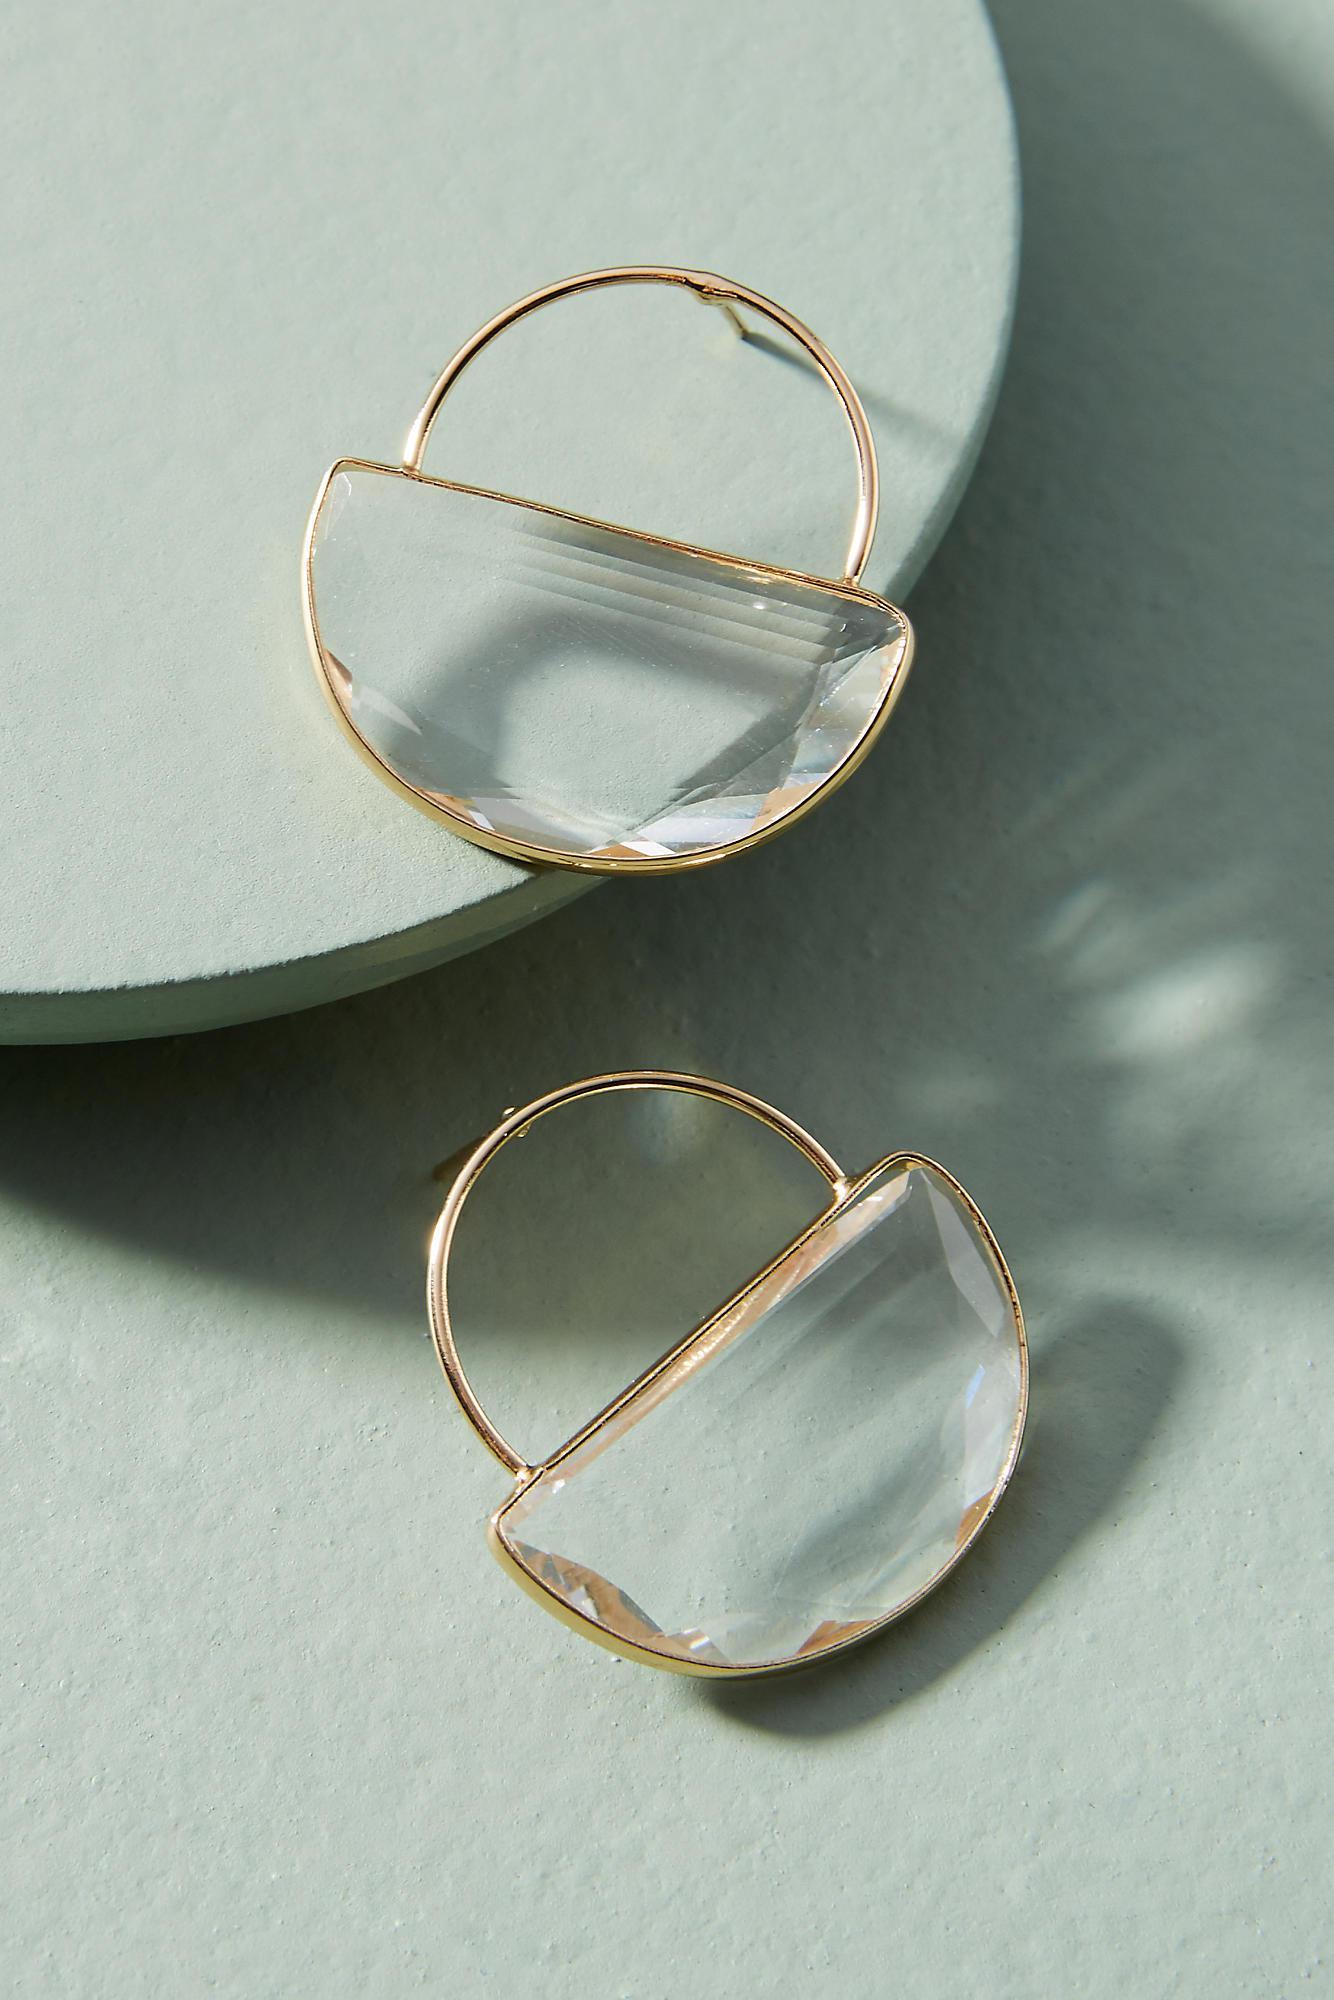 Anthropologie Solar Orbit Hooped Post Earrings 6jpBie1X6